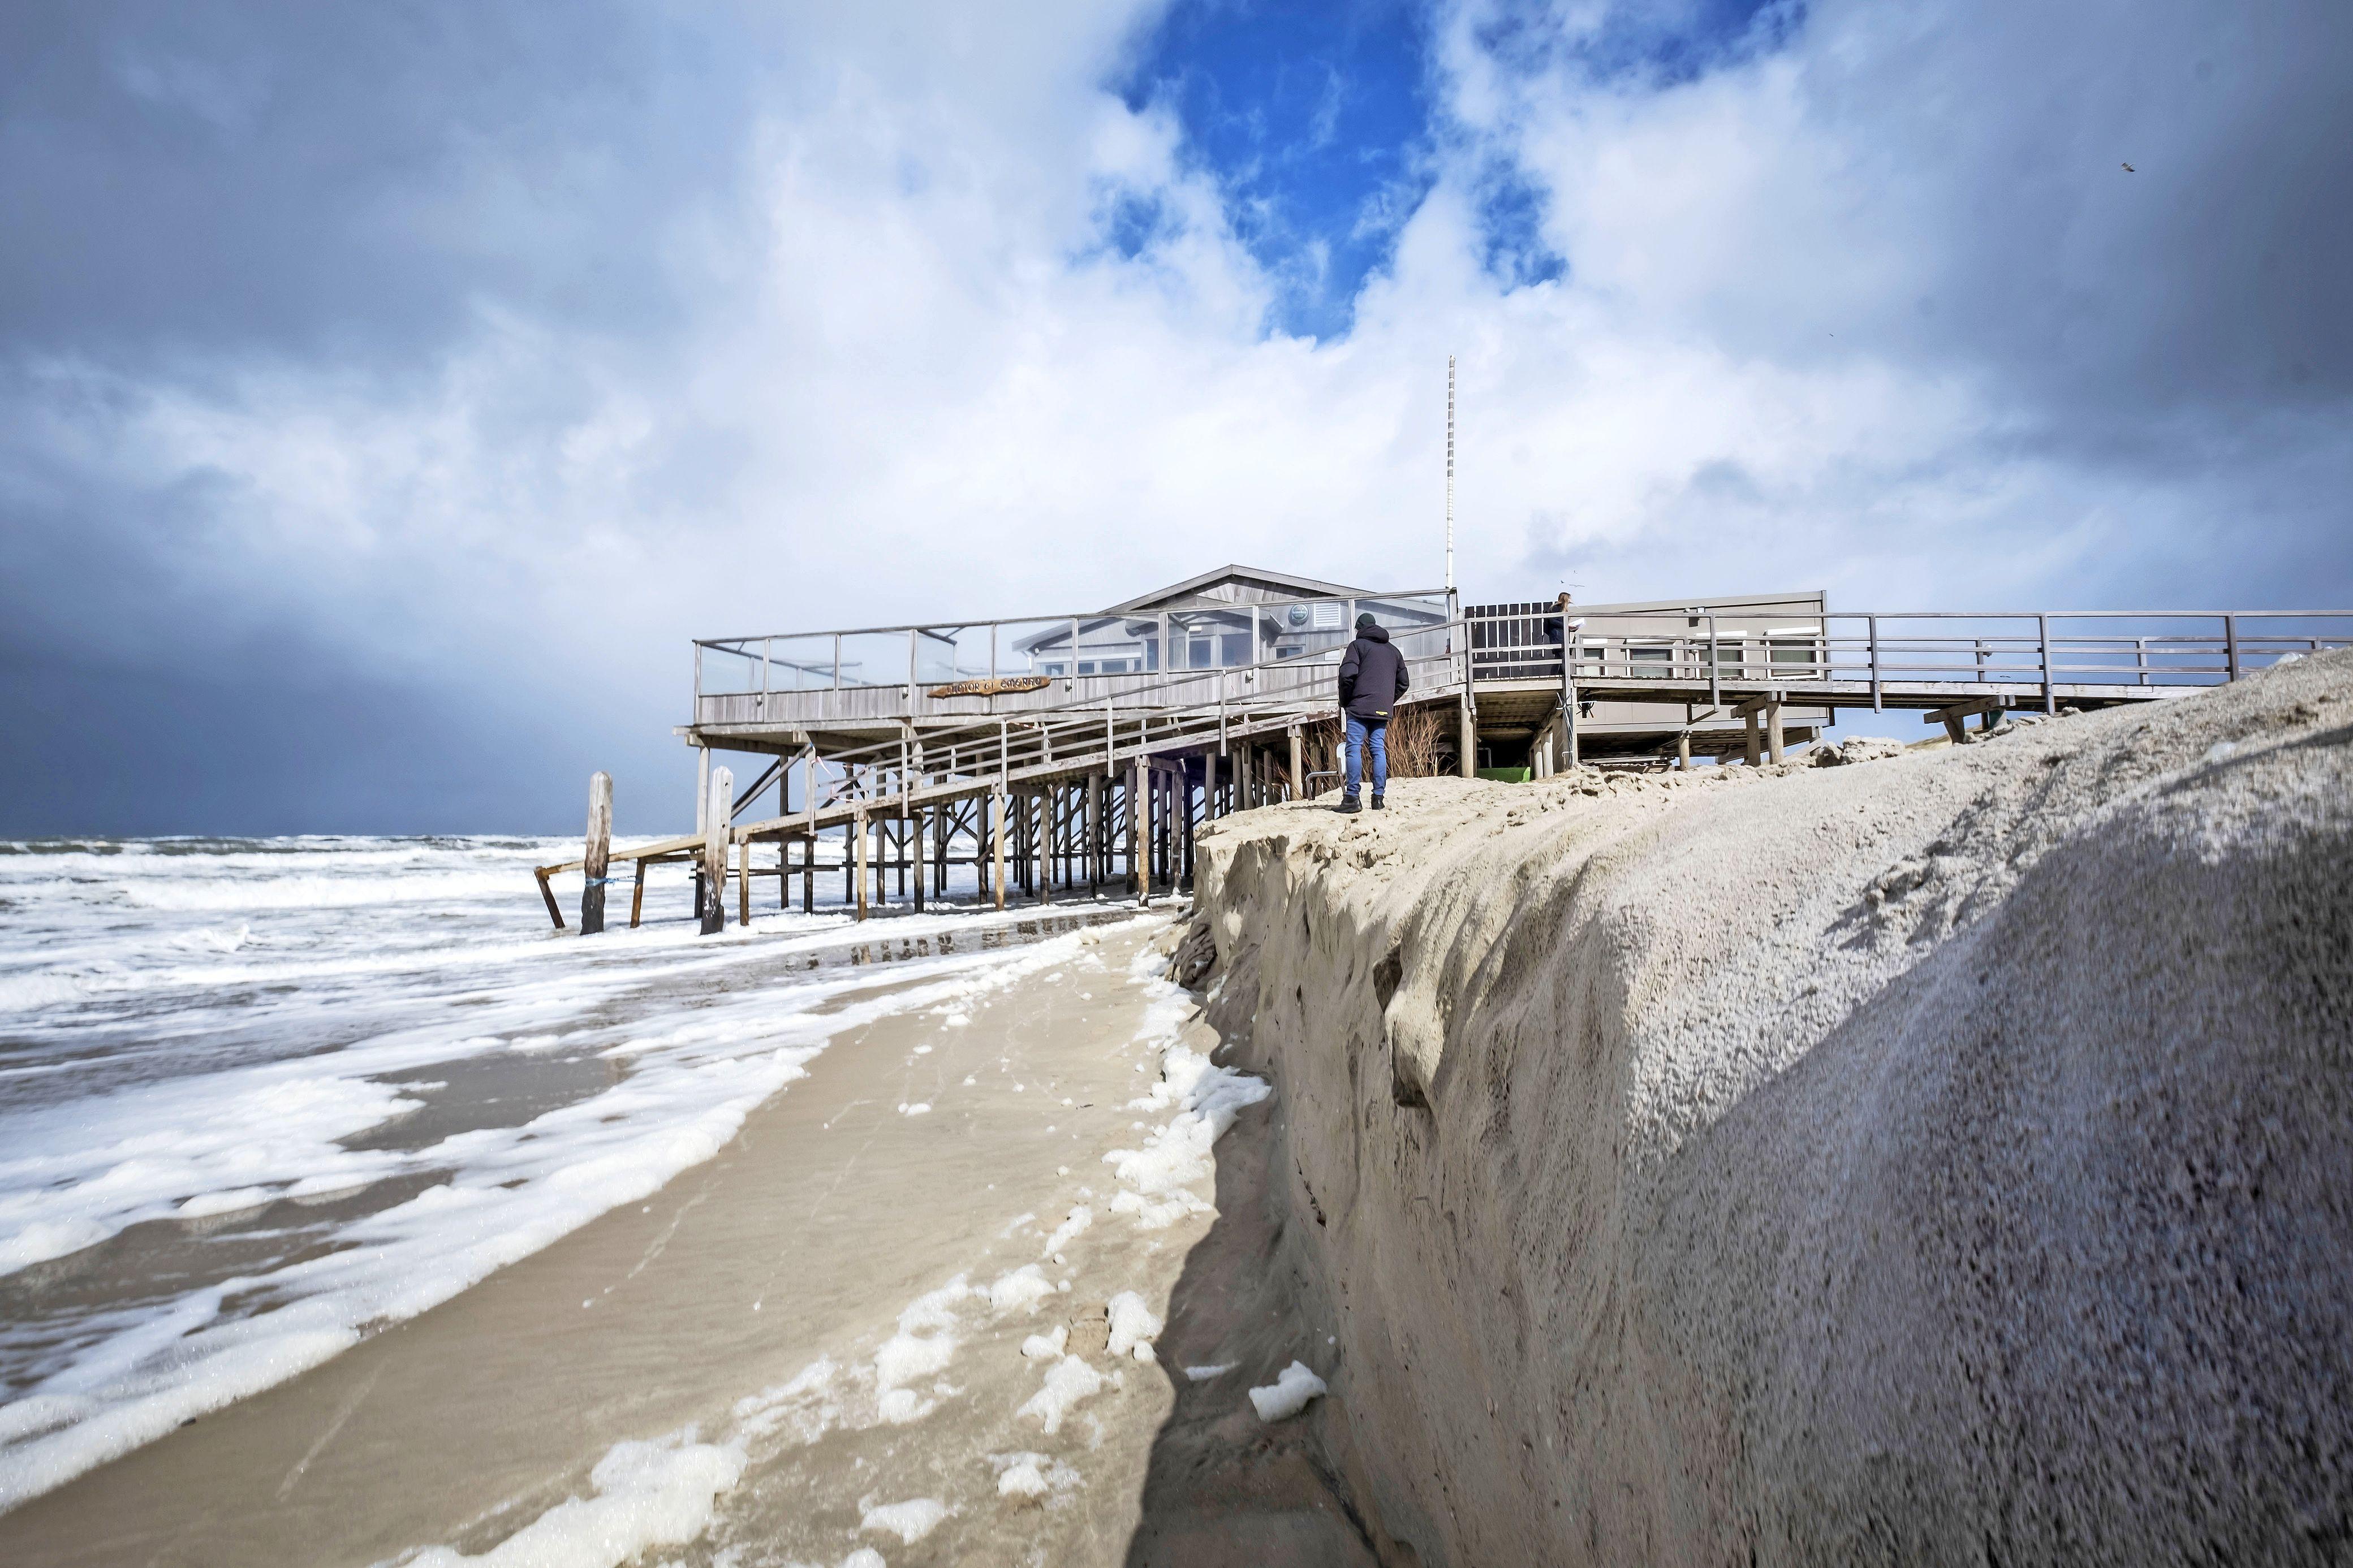 Paviljoen stort deels in zee, strandhuisjes dobberen op de golven, slapeloze nachten aan de vloedlijn. Kunnen we eigenlijk nog veilig bouwen op het strand?